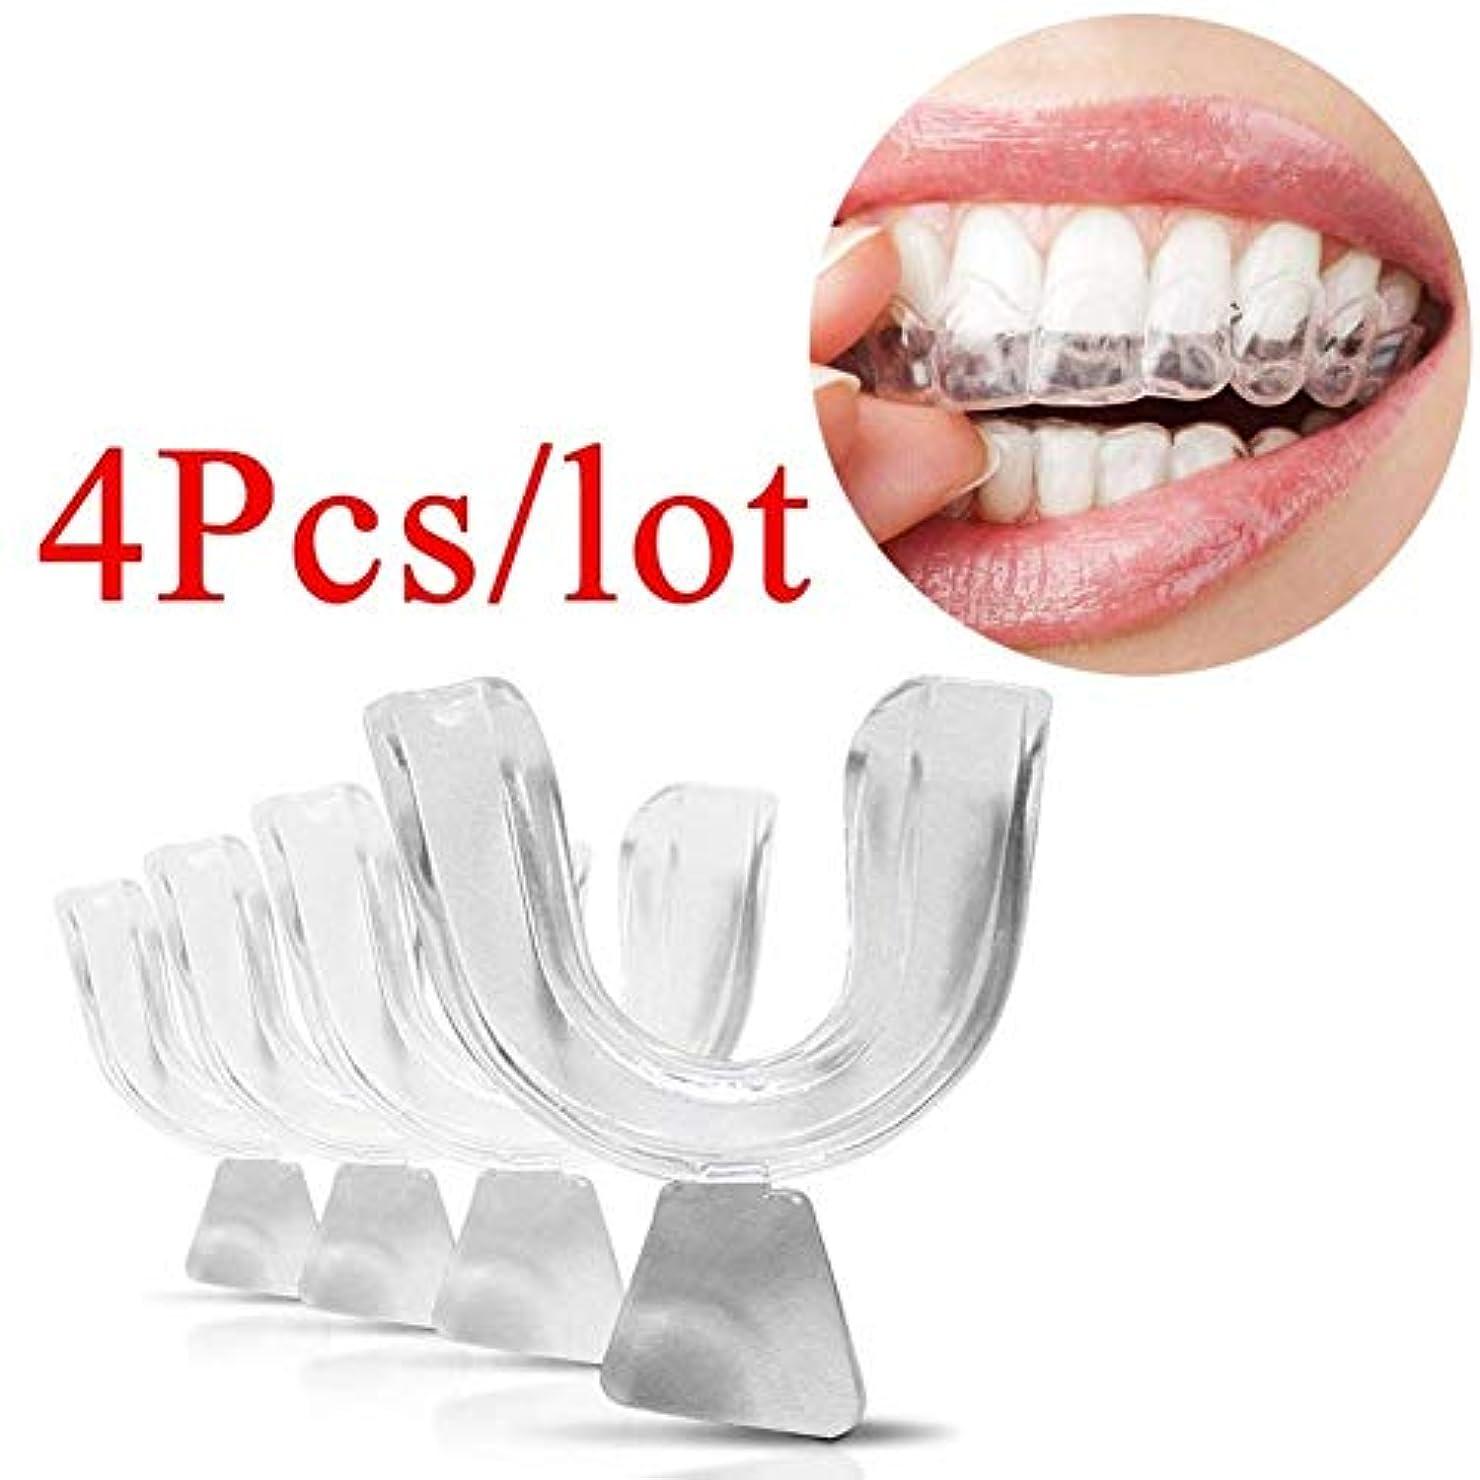 ユーモア歴史経済透明な食品等級を白くする安全な口の皿のMoldable歯科用歯の口の歯,4Pcs